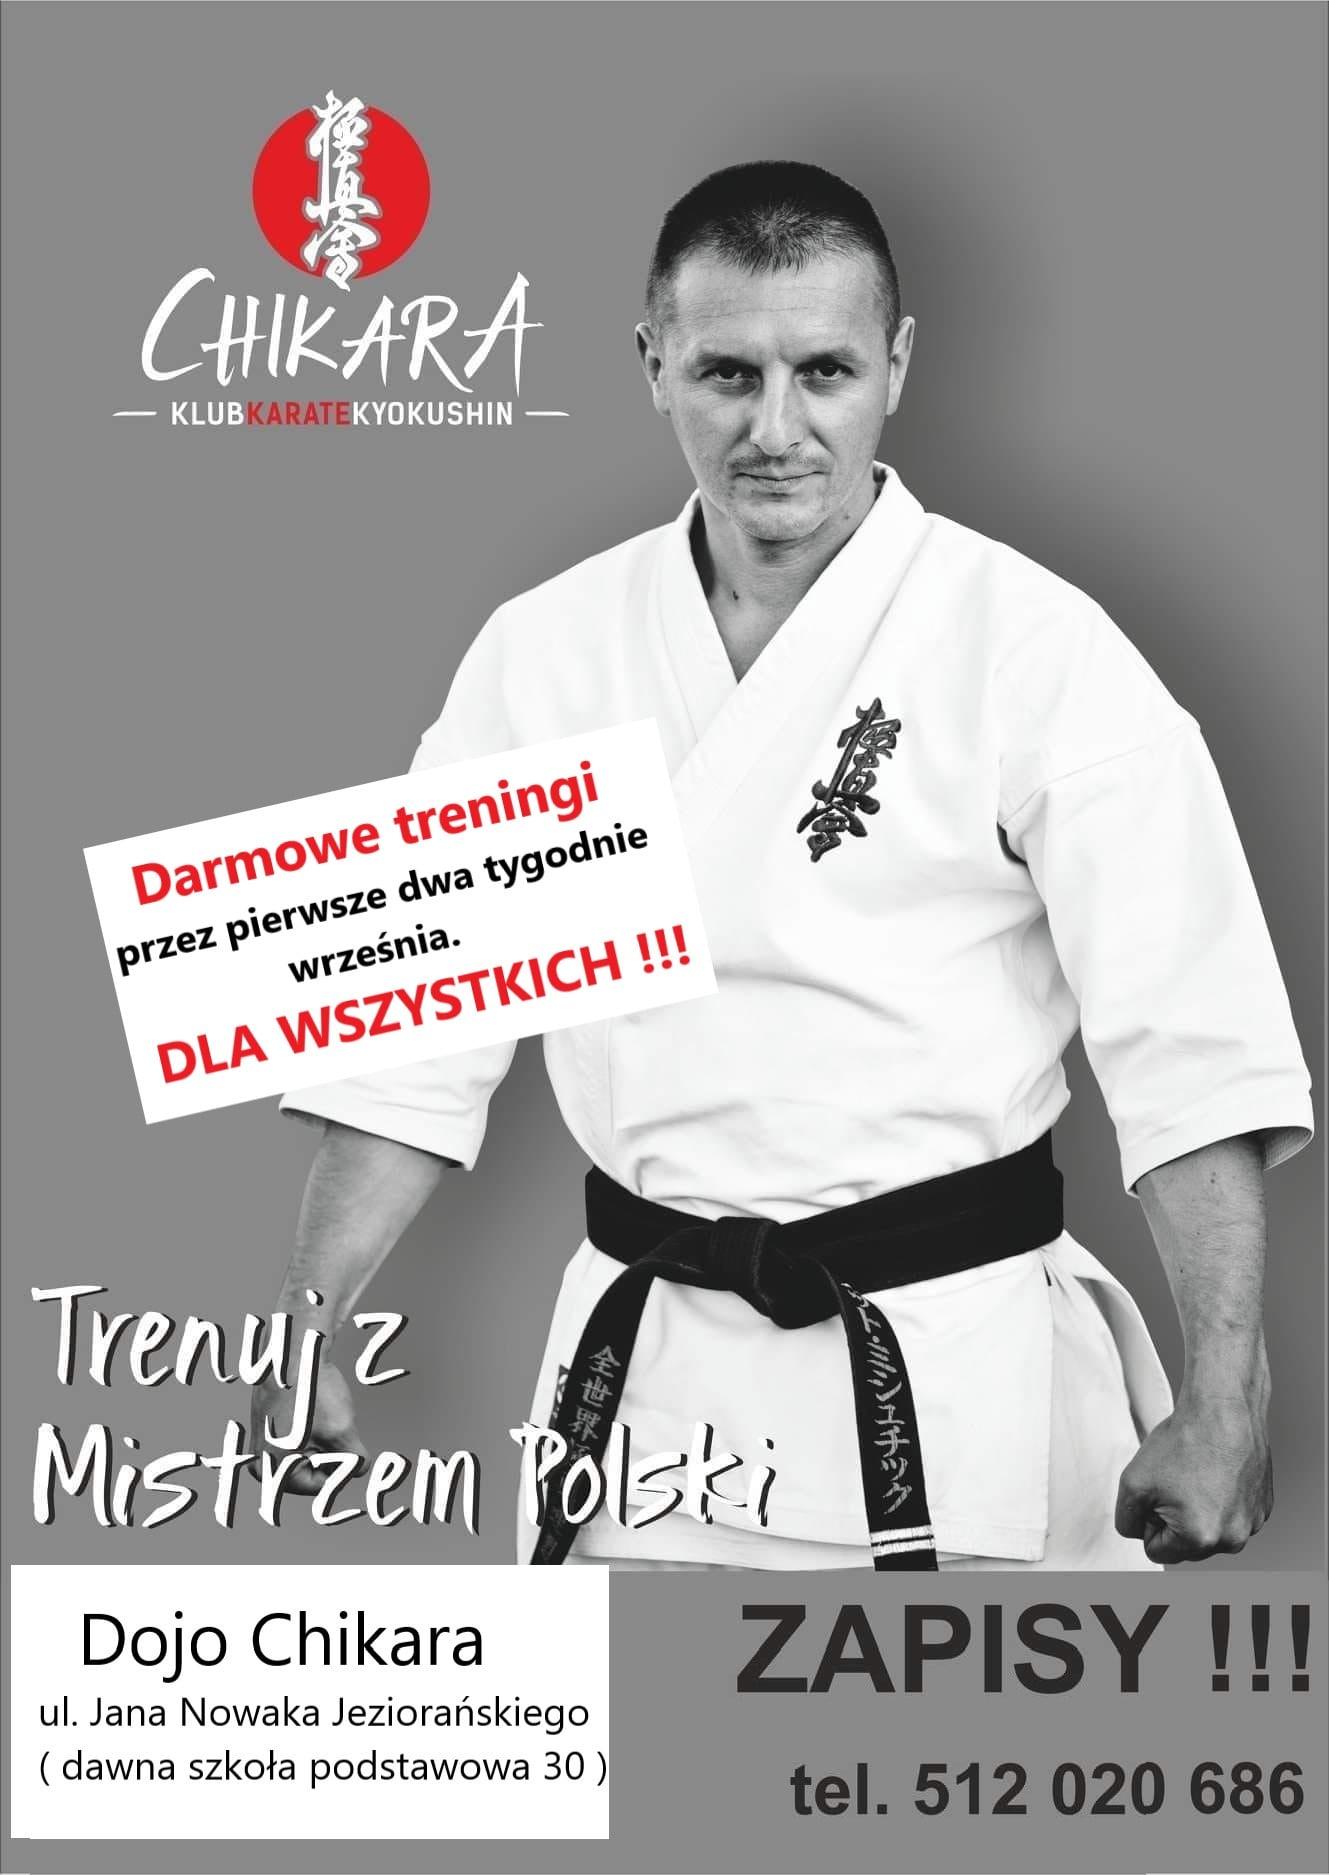 """KLUB KARATE KYOKUSHIN """"CHIKARA"""" zaprasza na zajęcia karate dzieci, młodzież i dorosłych... Treningi pod okiem samego mistrza Polski..."""